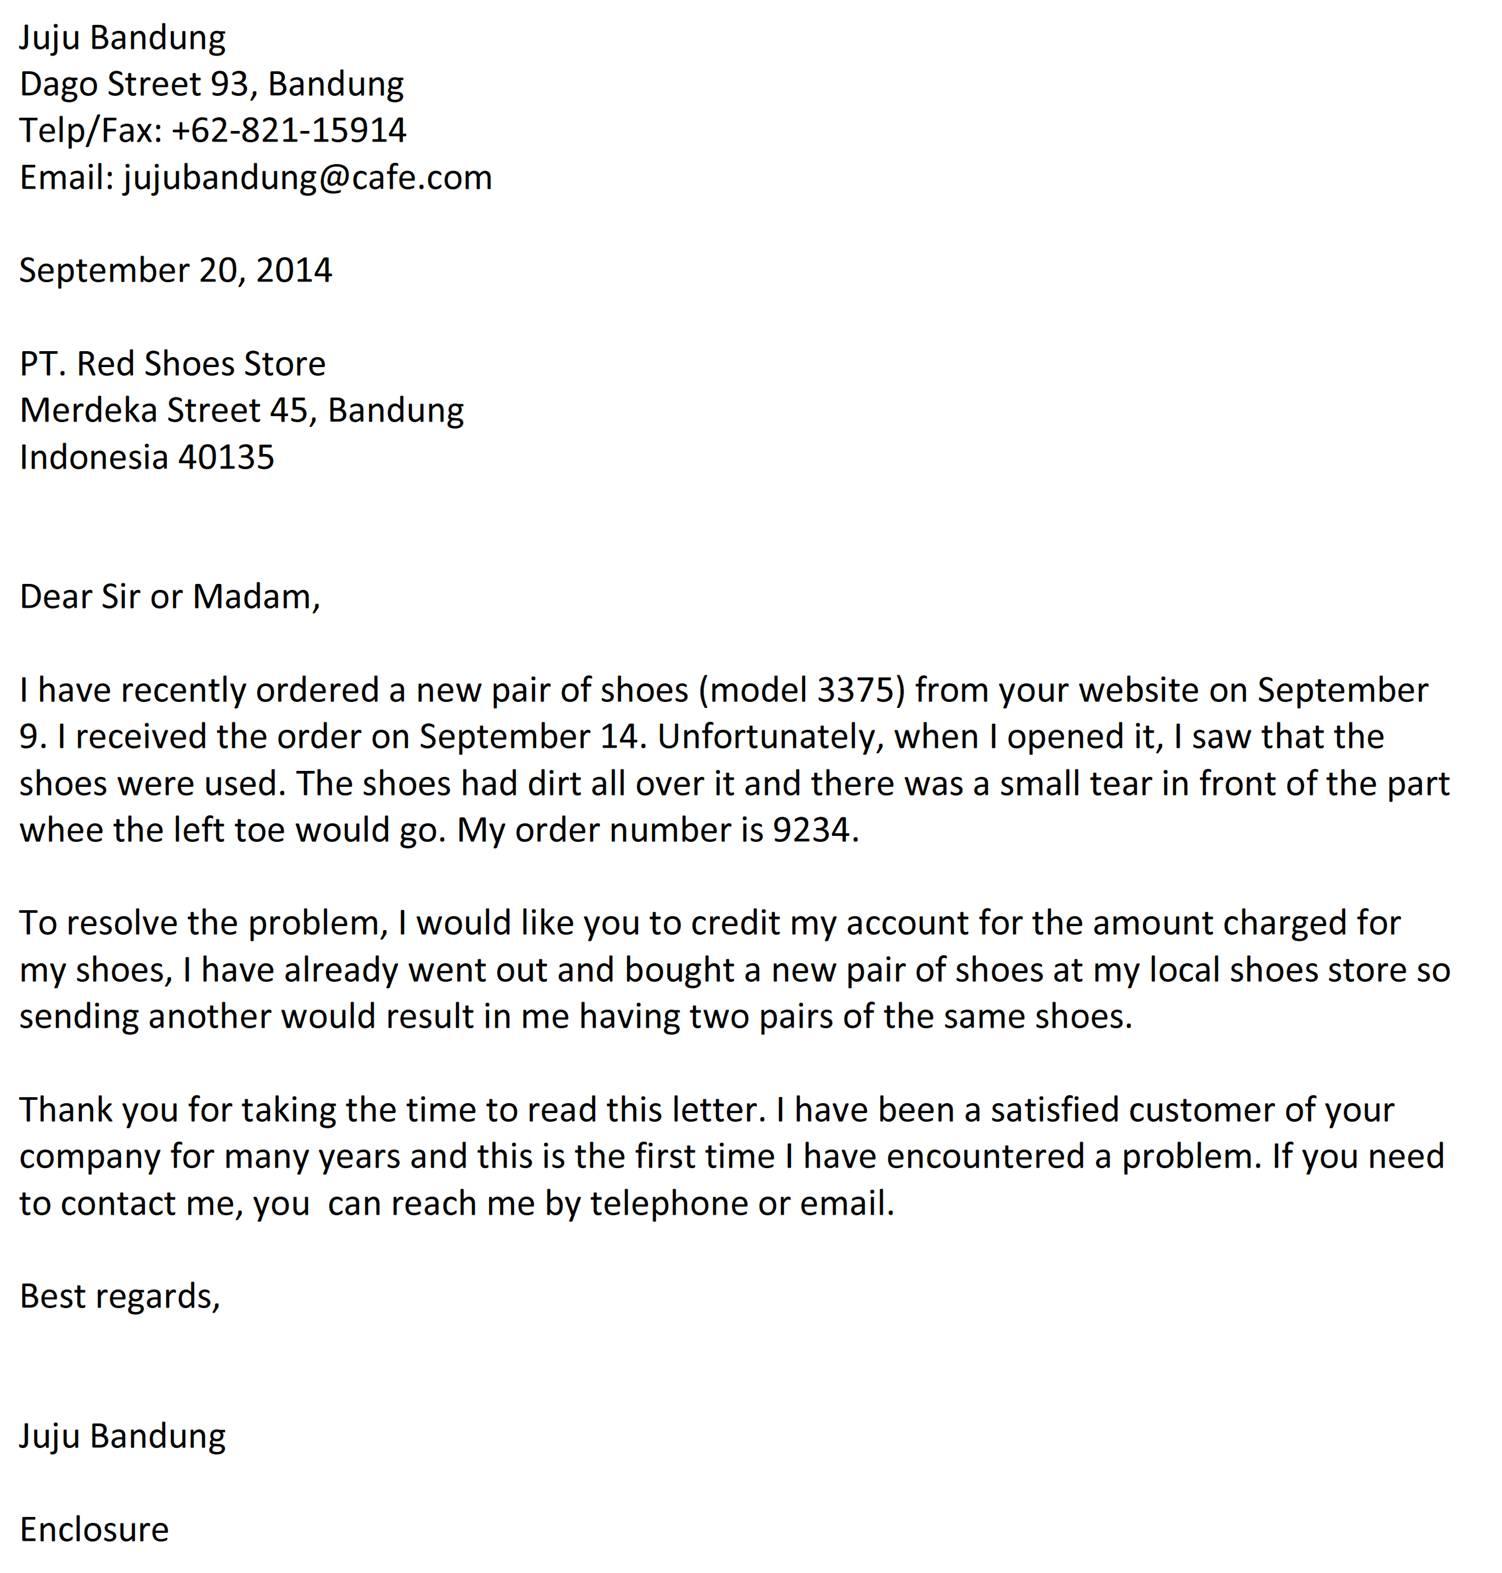 Surat Komplain Membeli Barang Rusak Bahasa Inggris Jujubandung